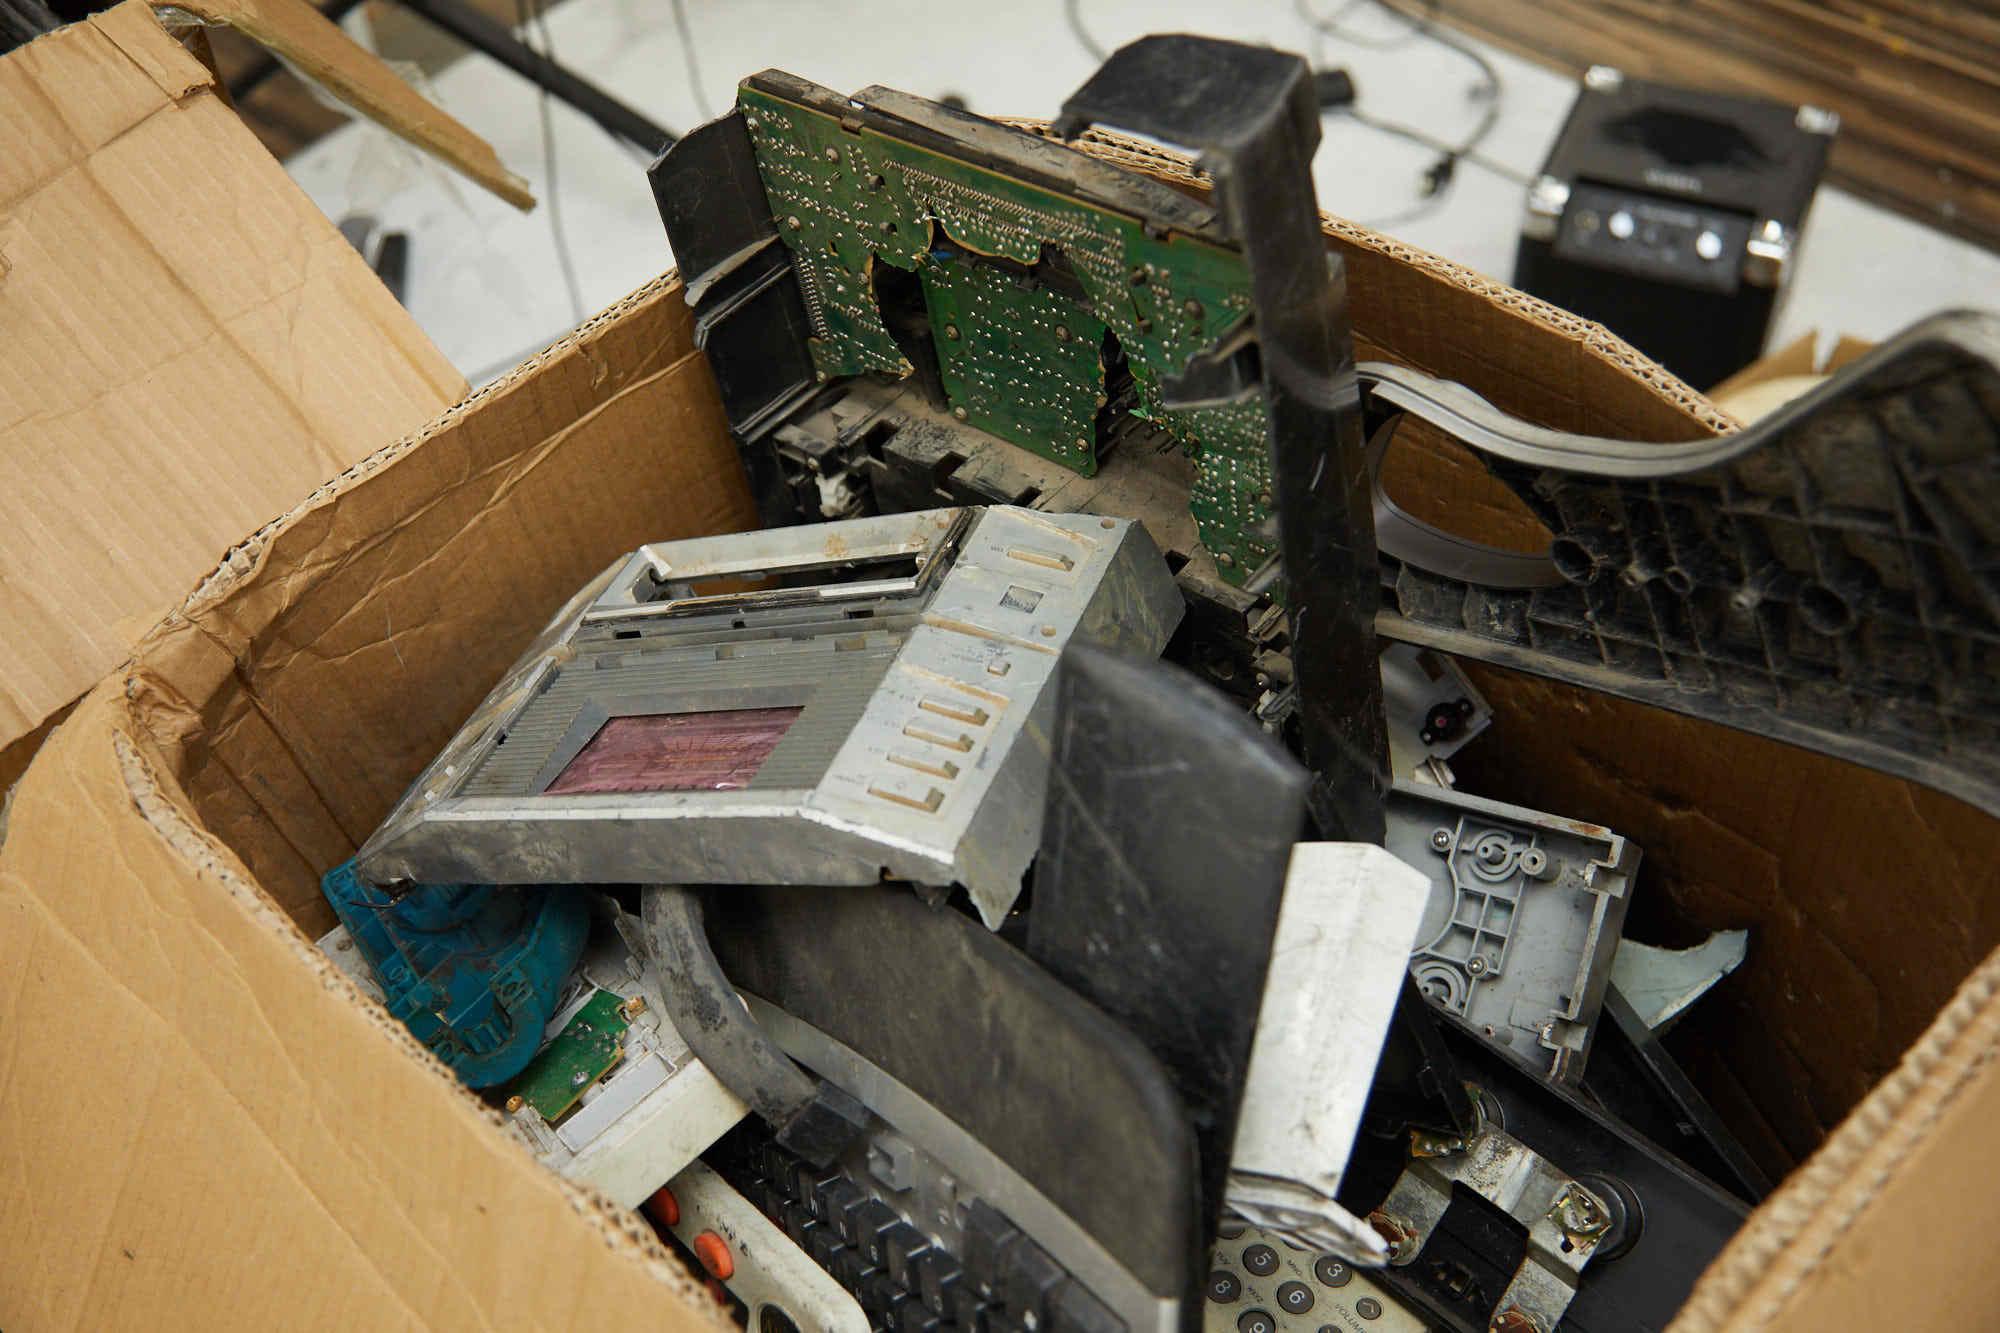 ガーナから送られてきた電子廃棄物